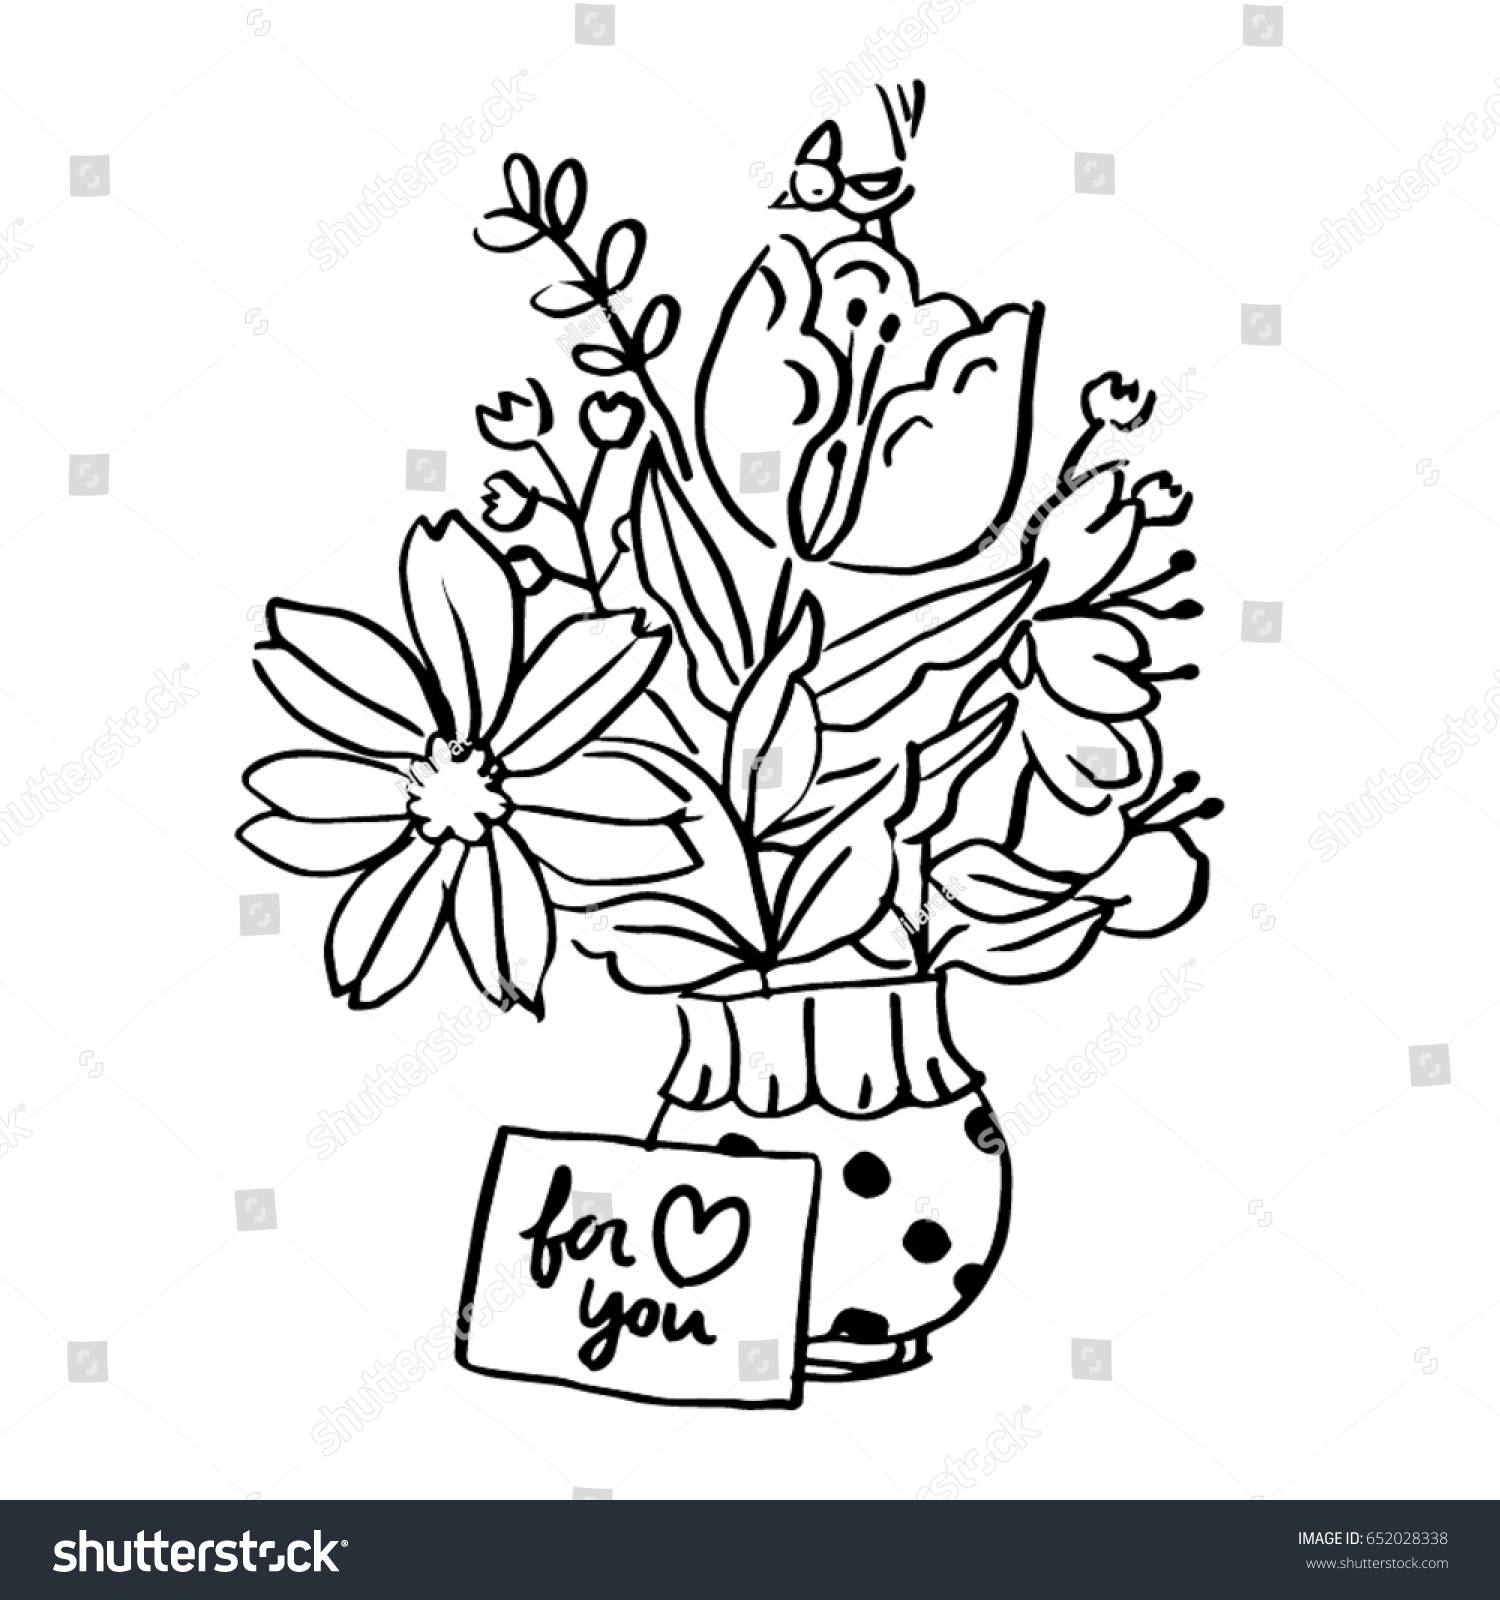 Black White Line Art Illustration Flower Stock Vector Royalty Free